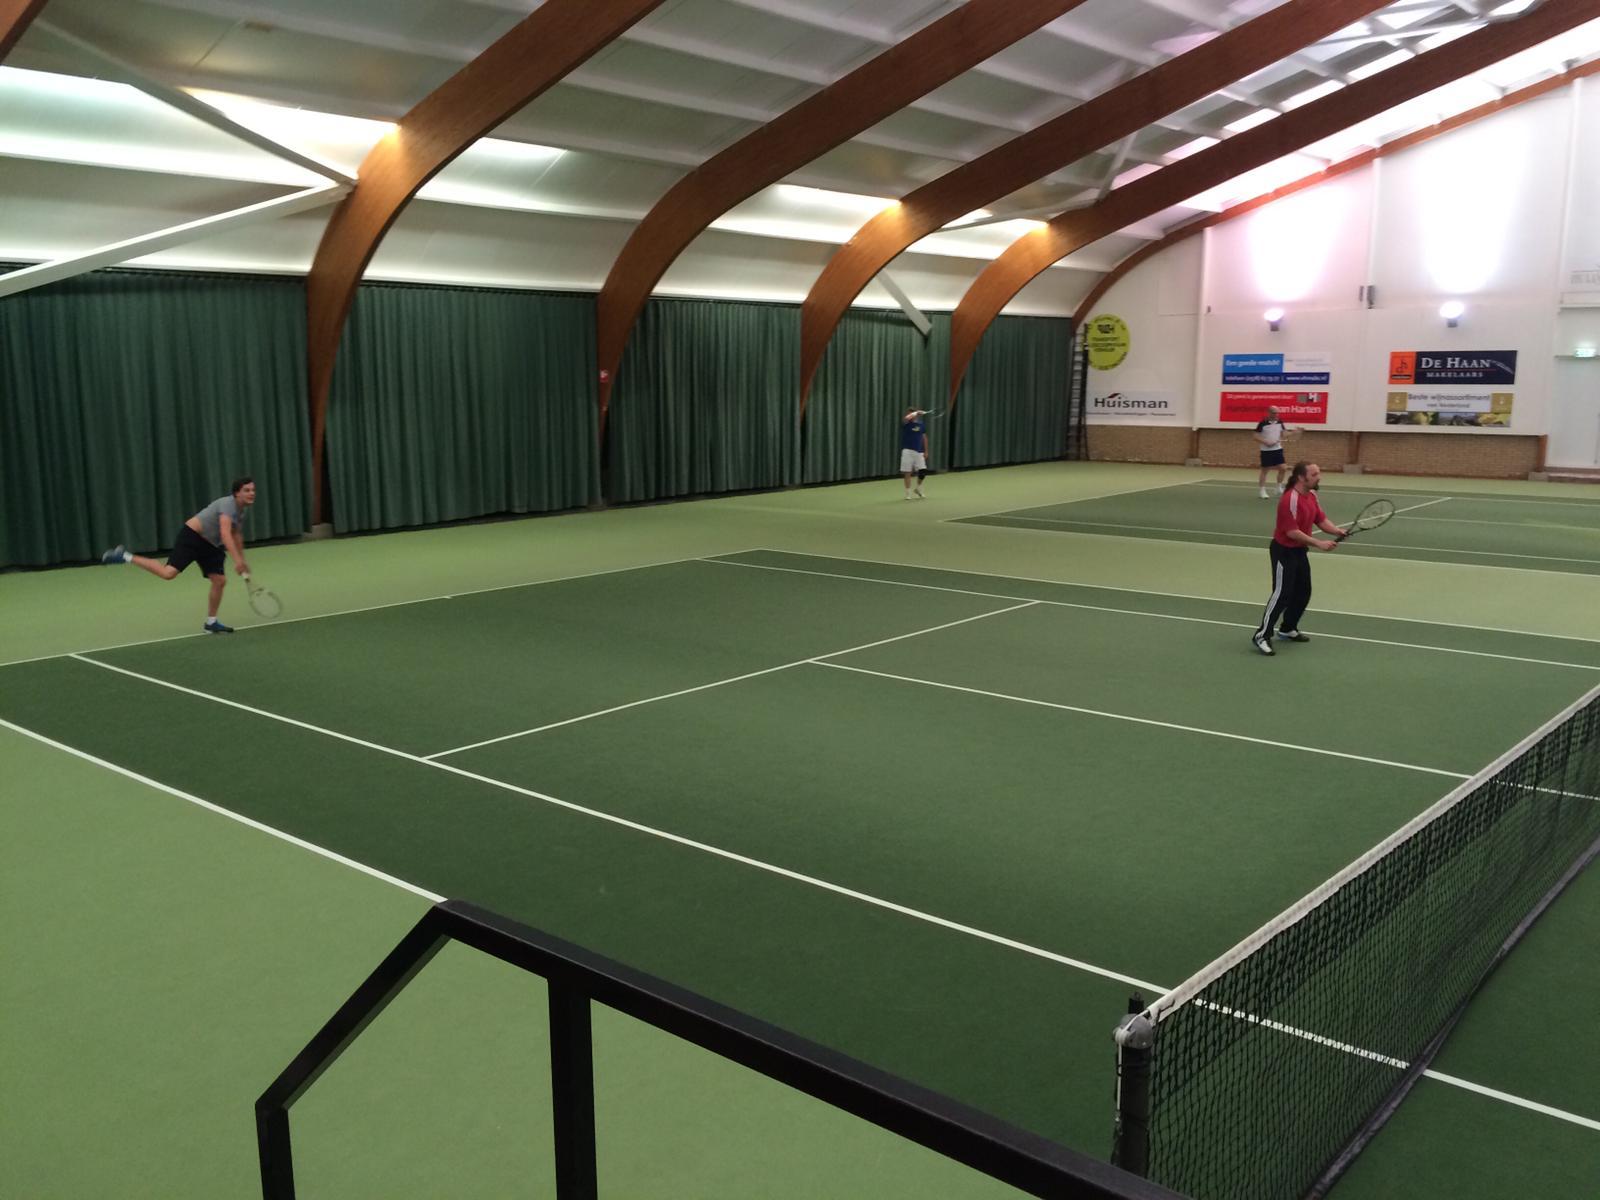 Liefhebbers gezocht voor tenniscompetitie in hal